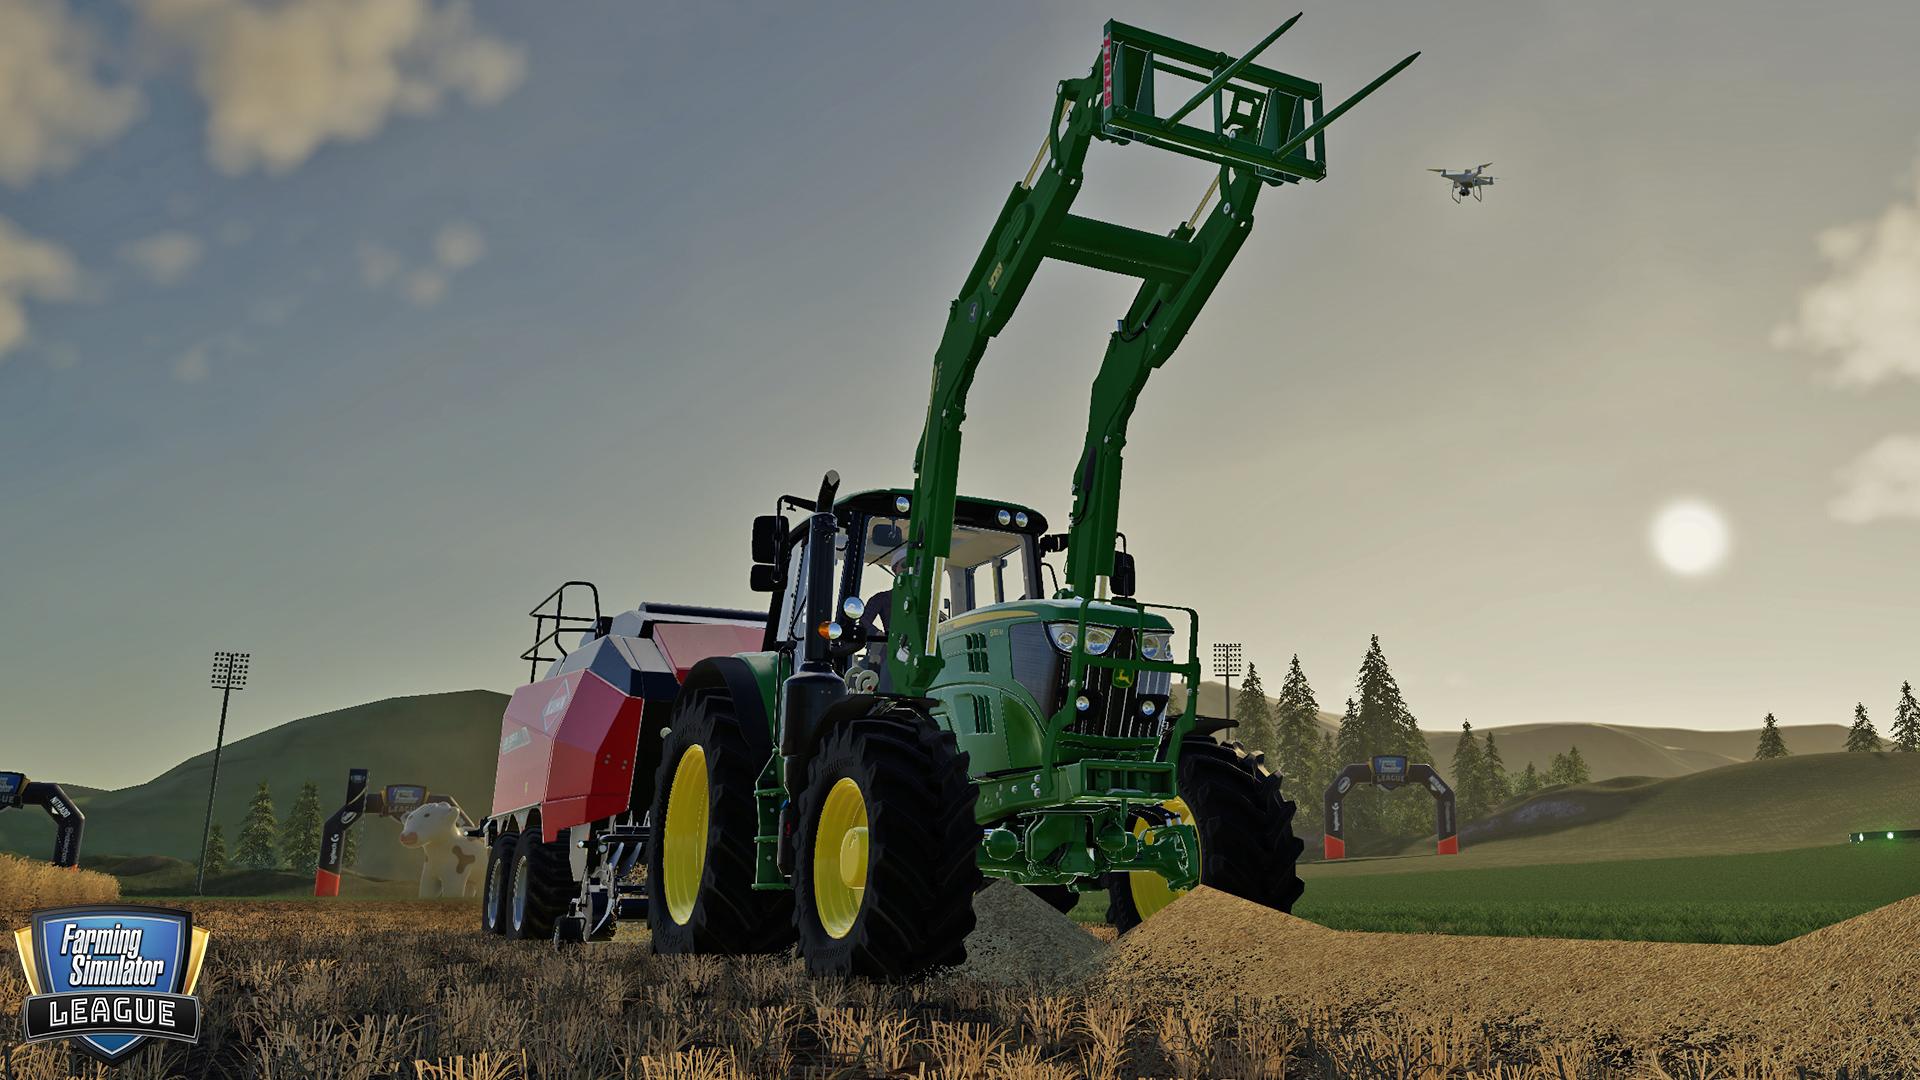 Farming Simulator League bude zahájena na FarmConu